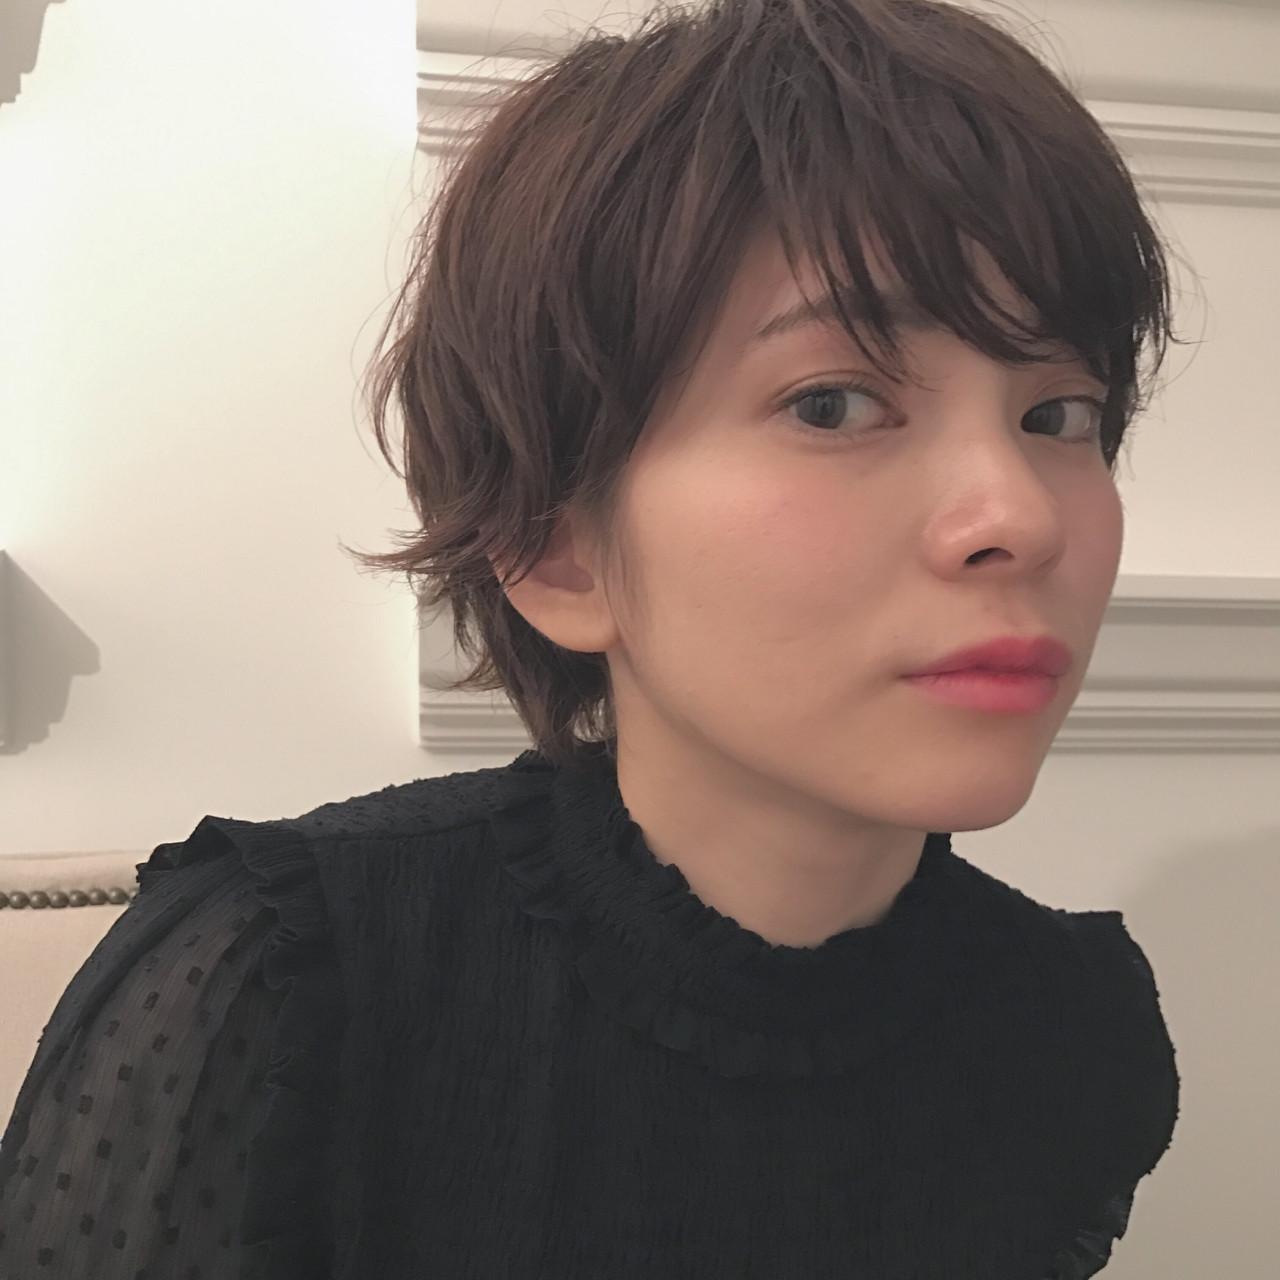 黒髪美人スタイルで今年の春夏を迎えよう♡しなやかな黒髪ヘアカタログ 勝田 祐介